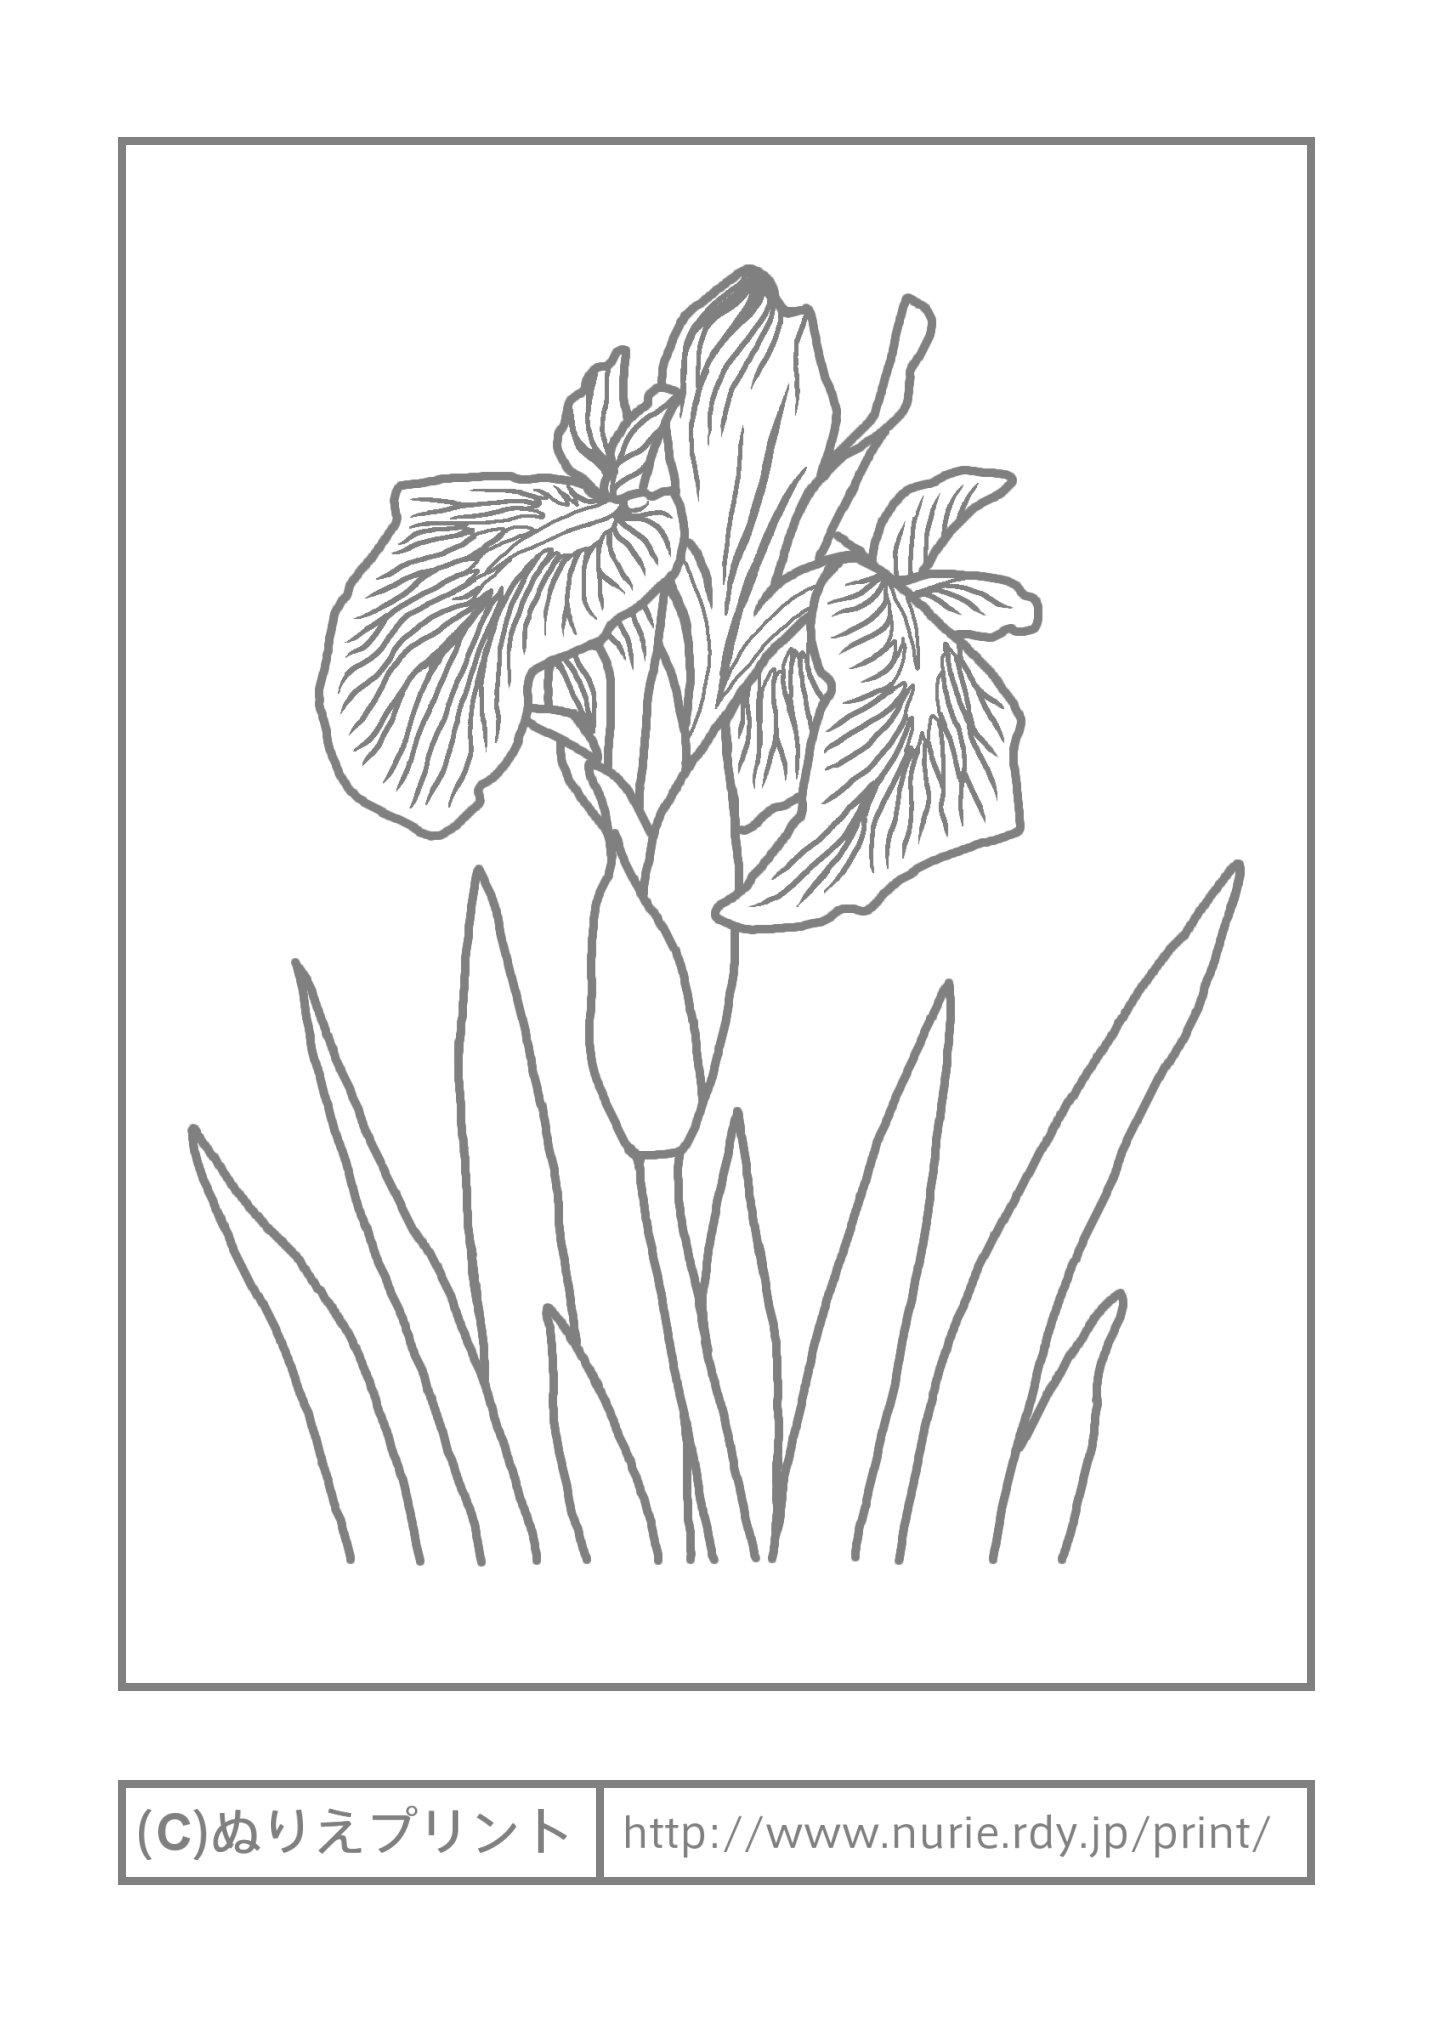 カキツバタの画像 p1_26